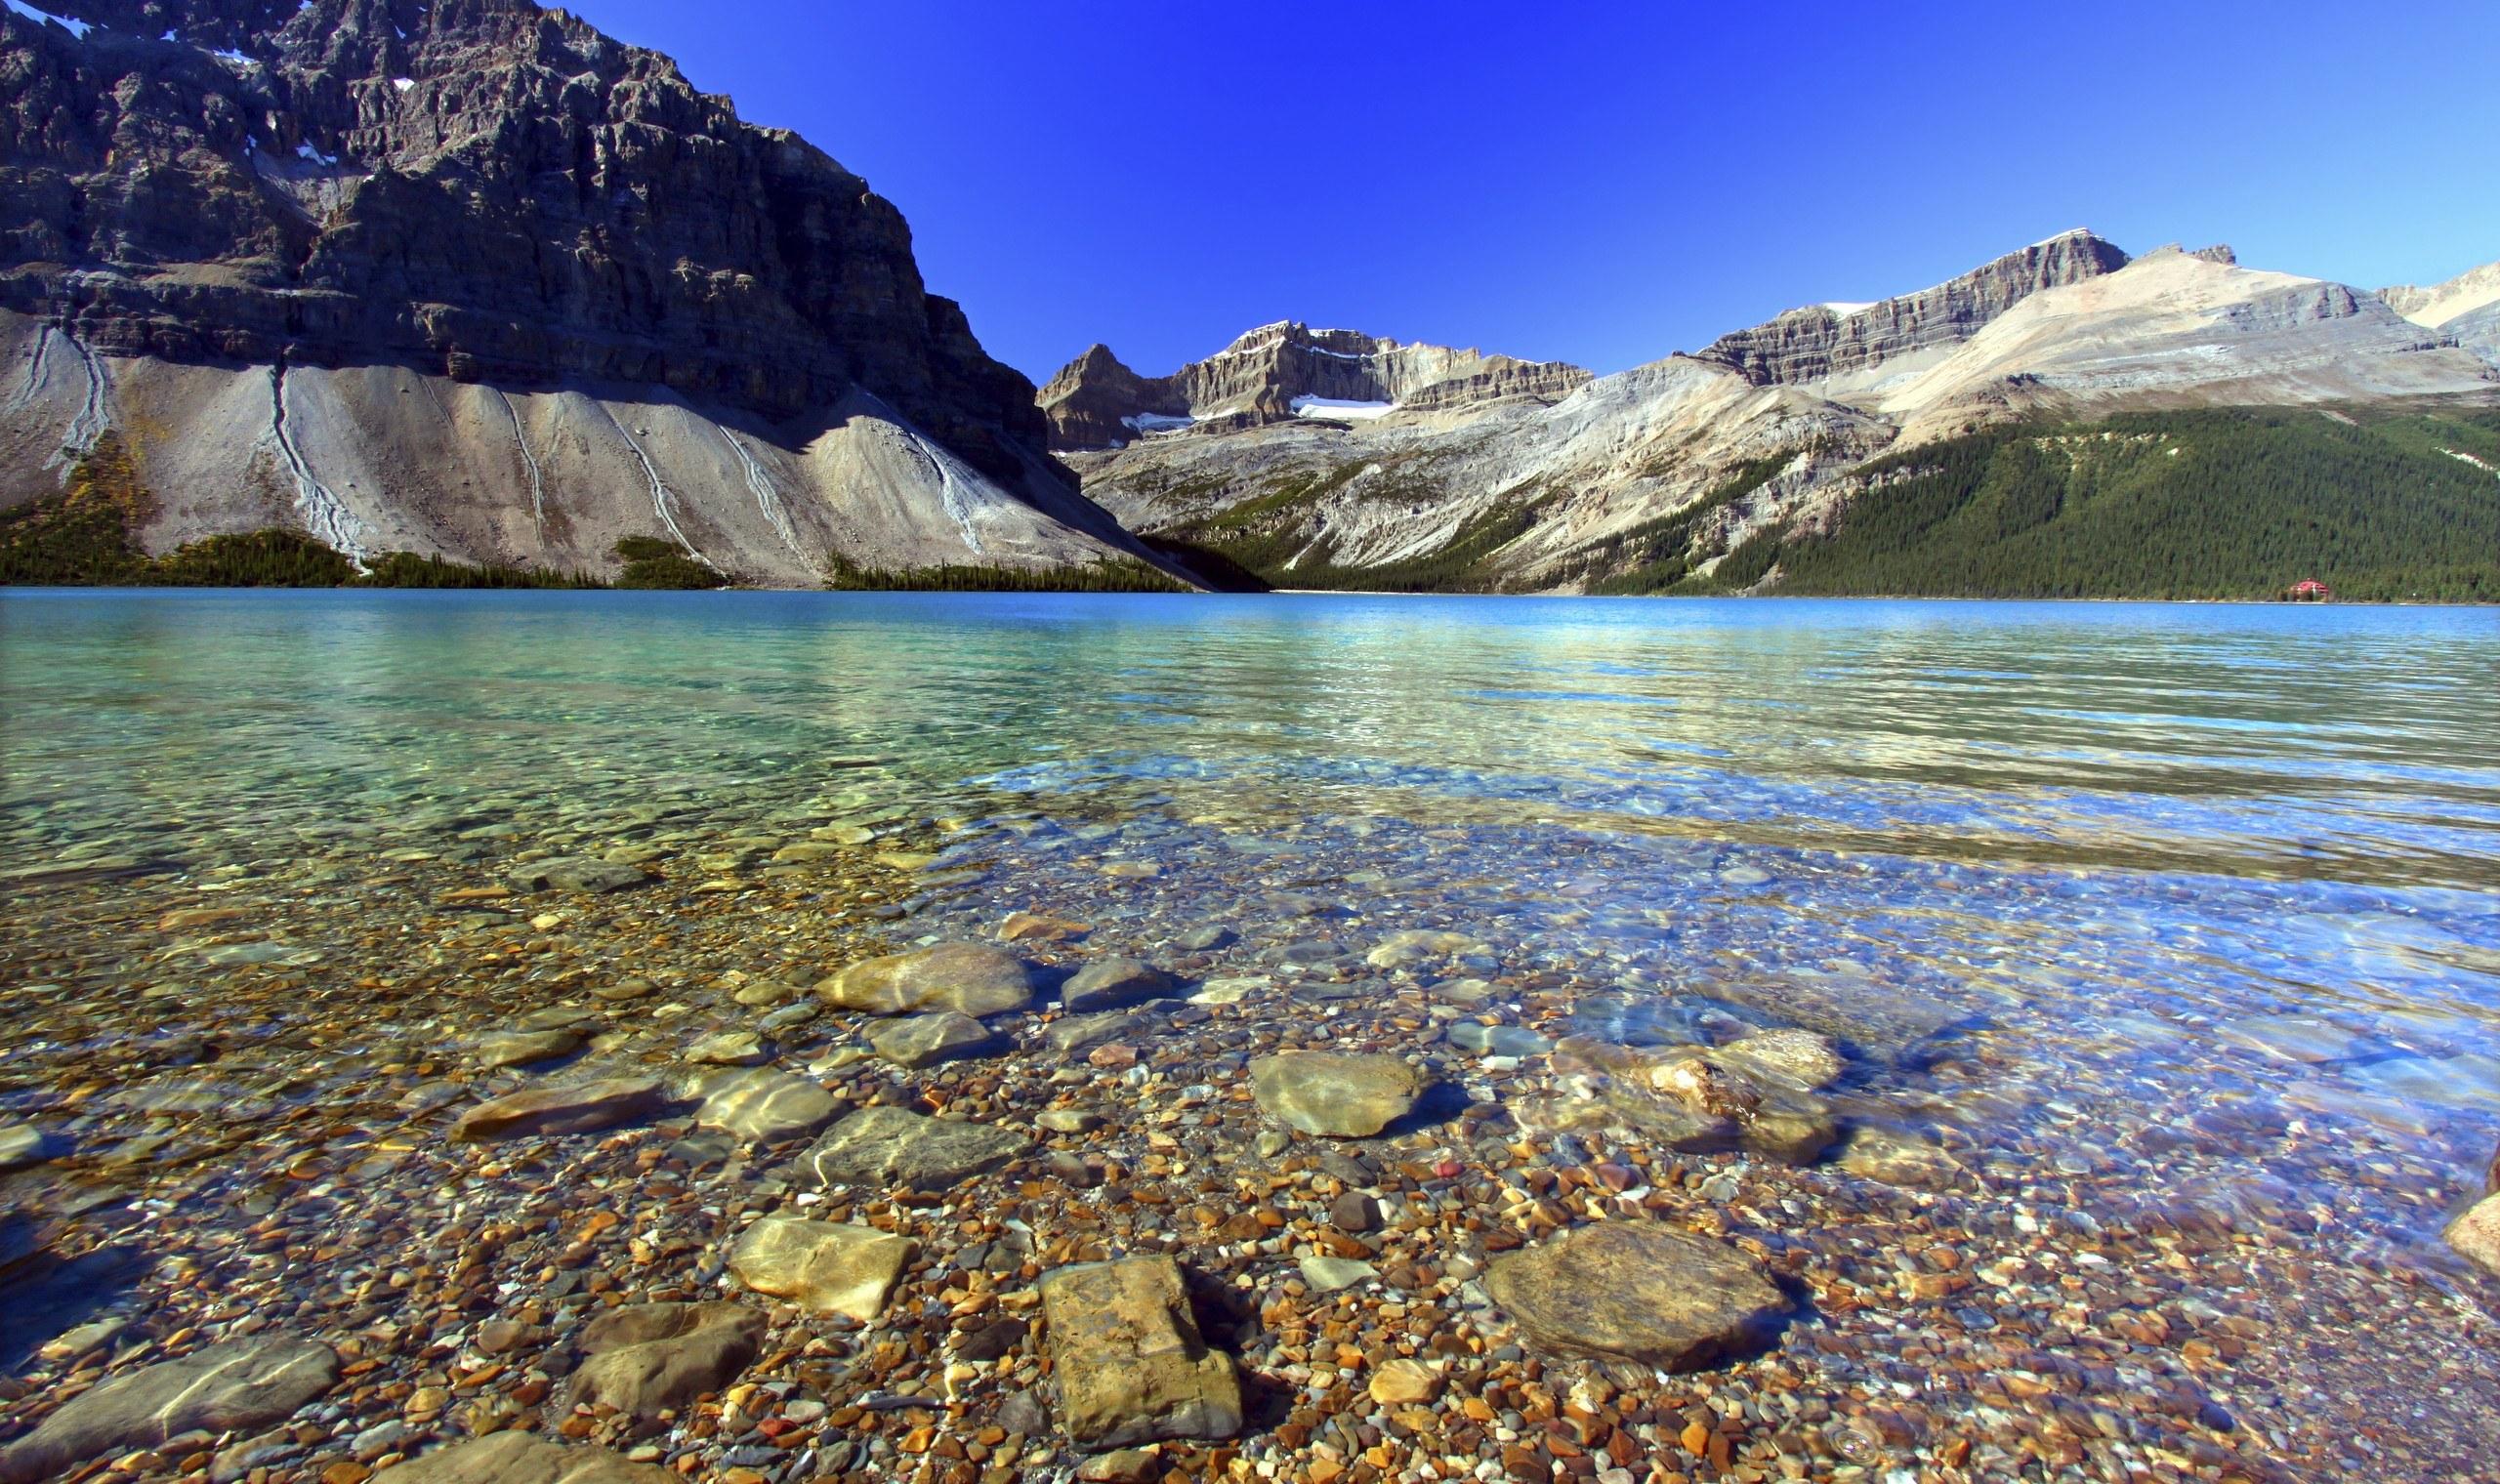 Bow lake in Alberta, Canada